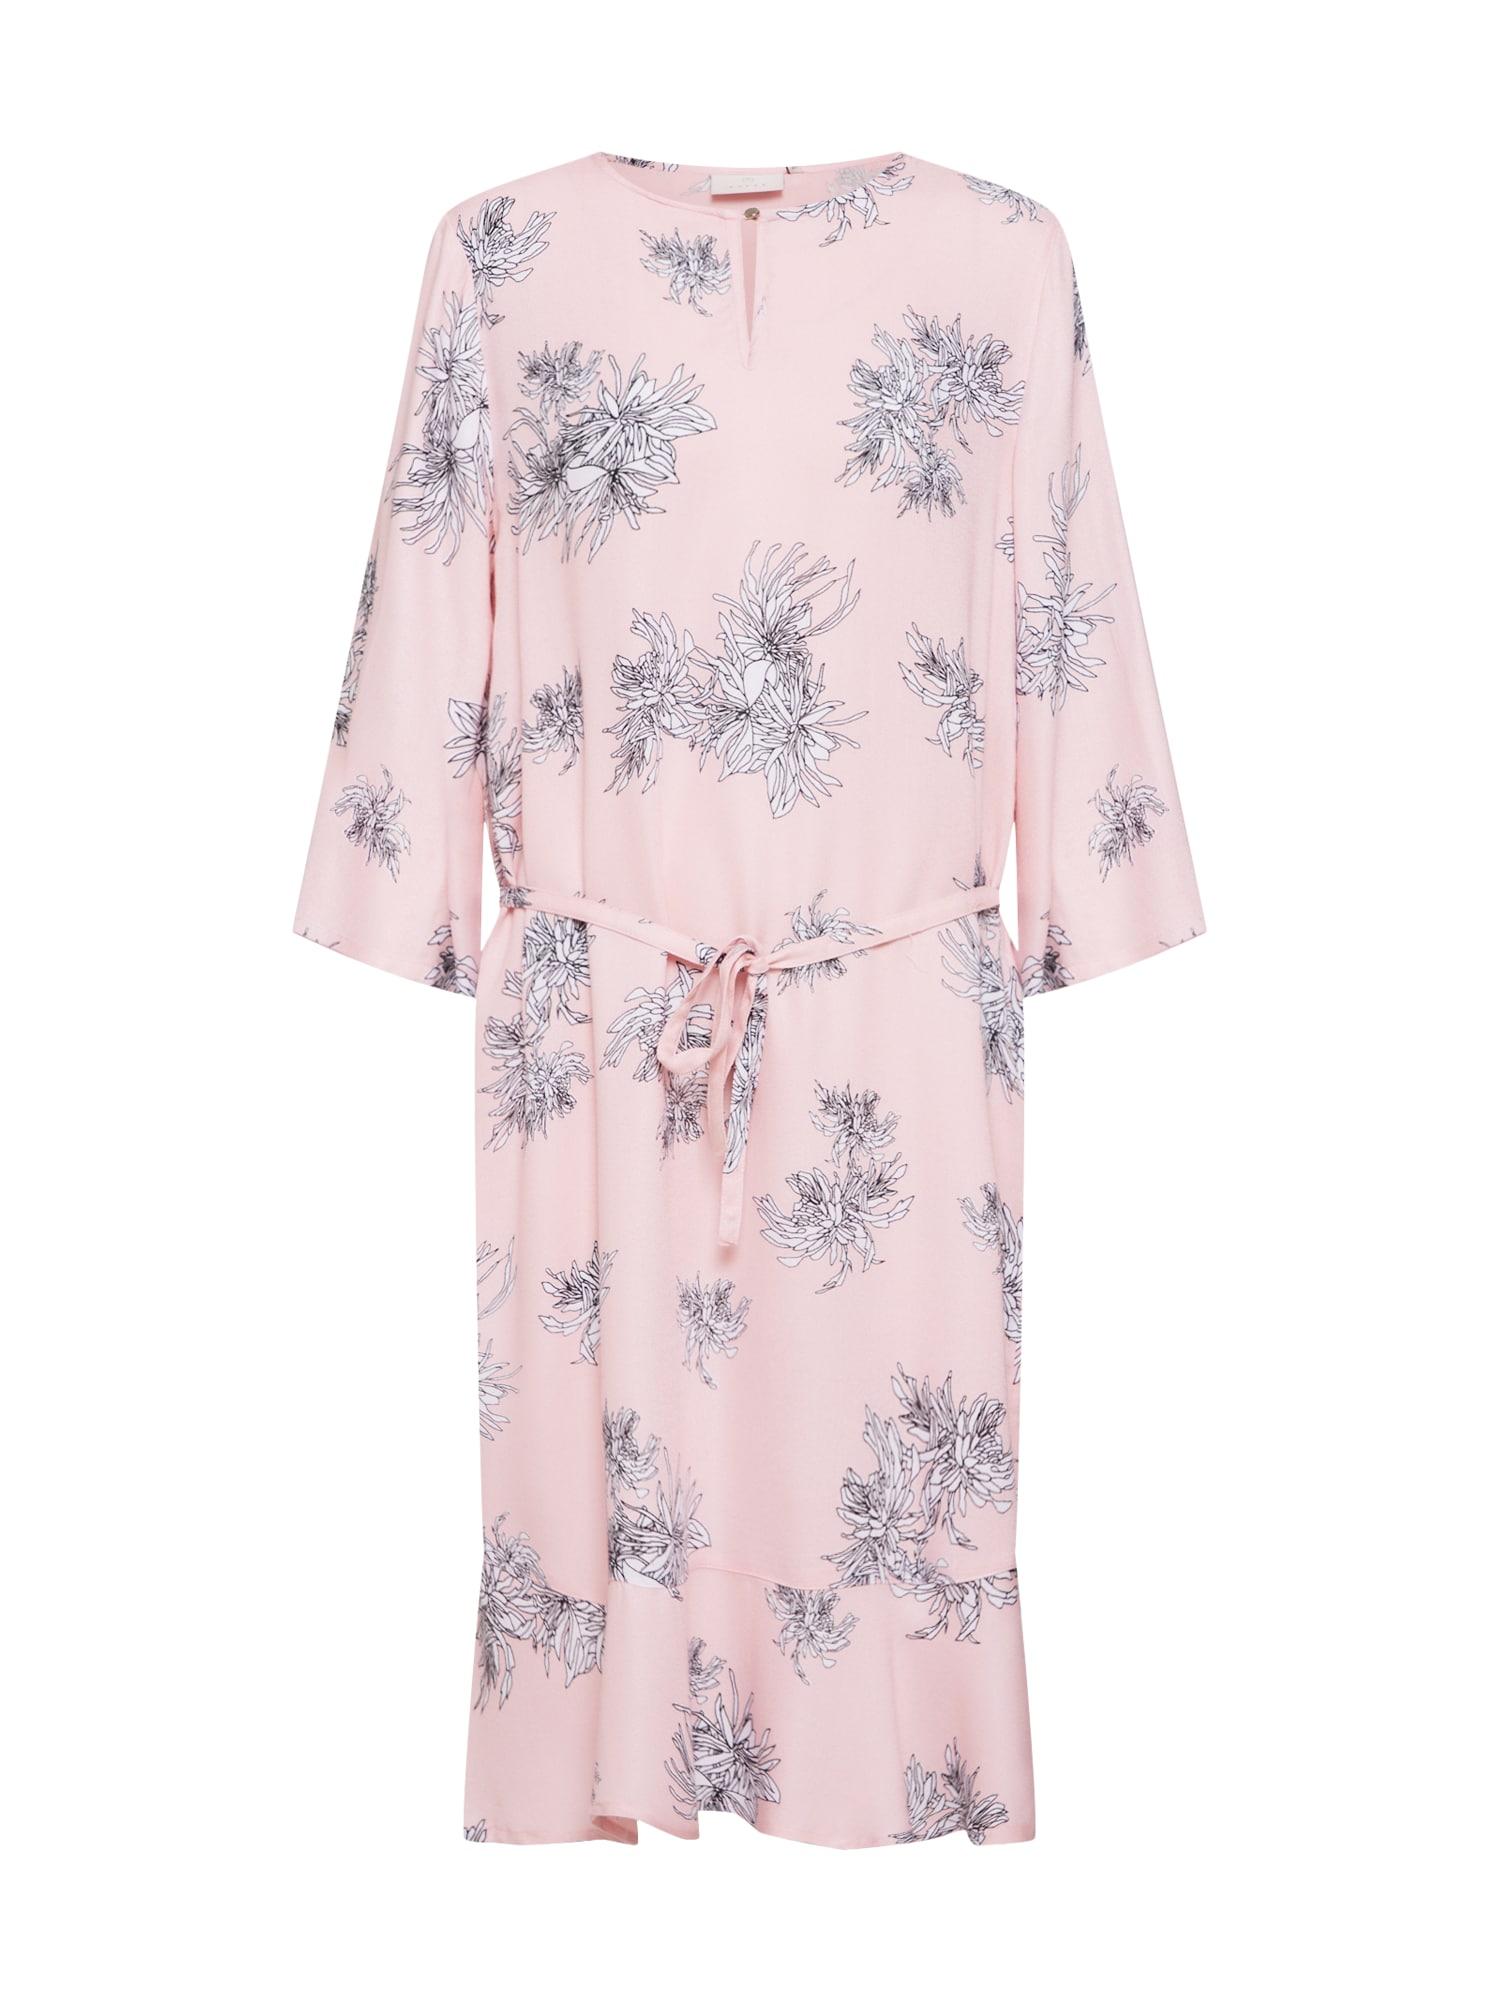 Šaty Mille růžová Kaffe